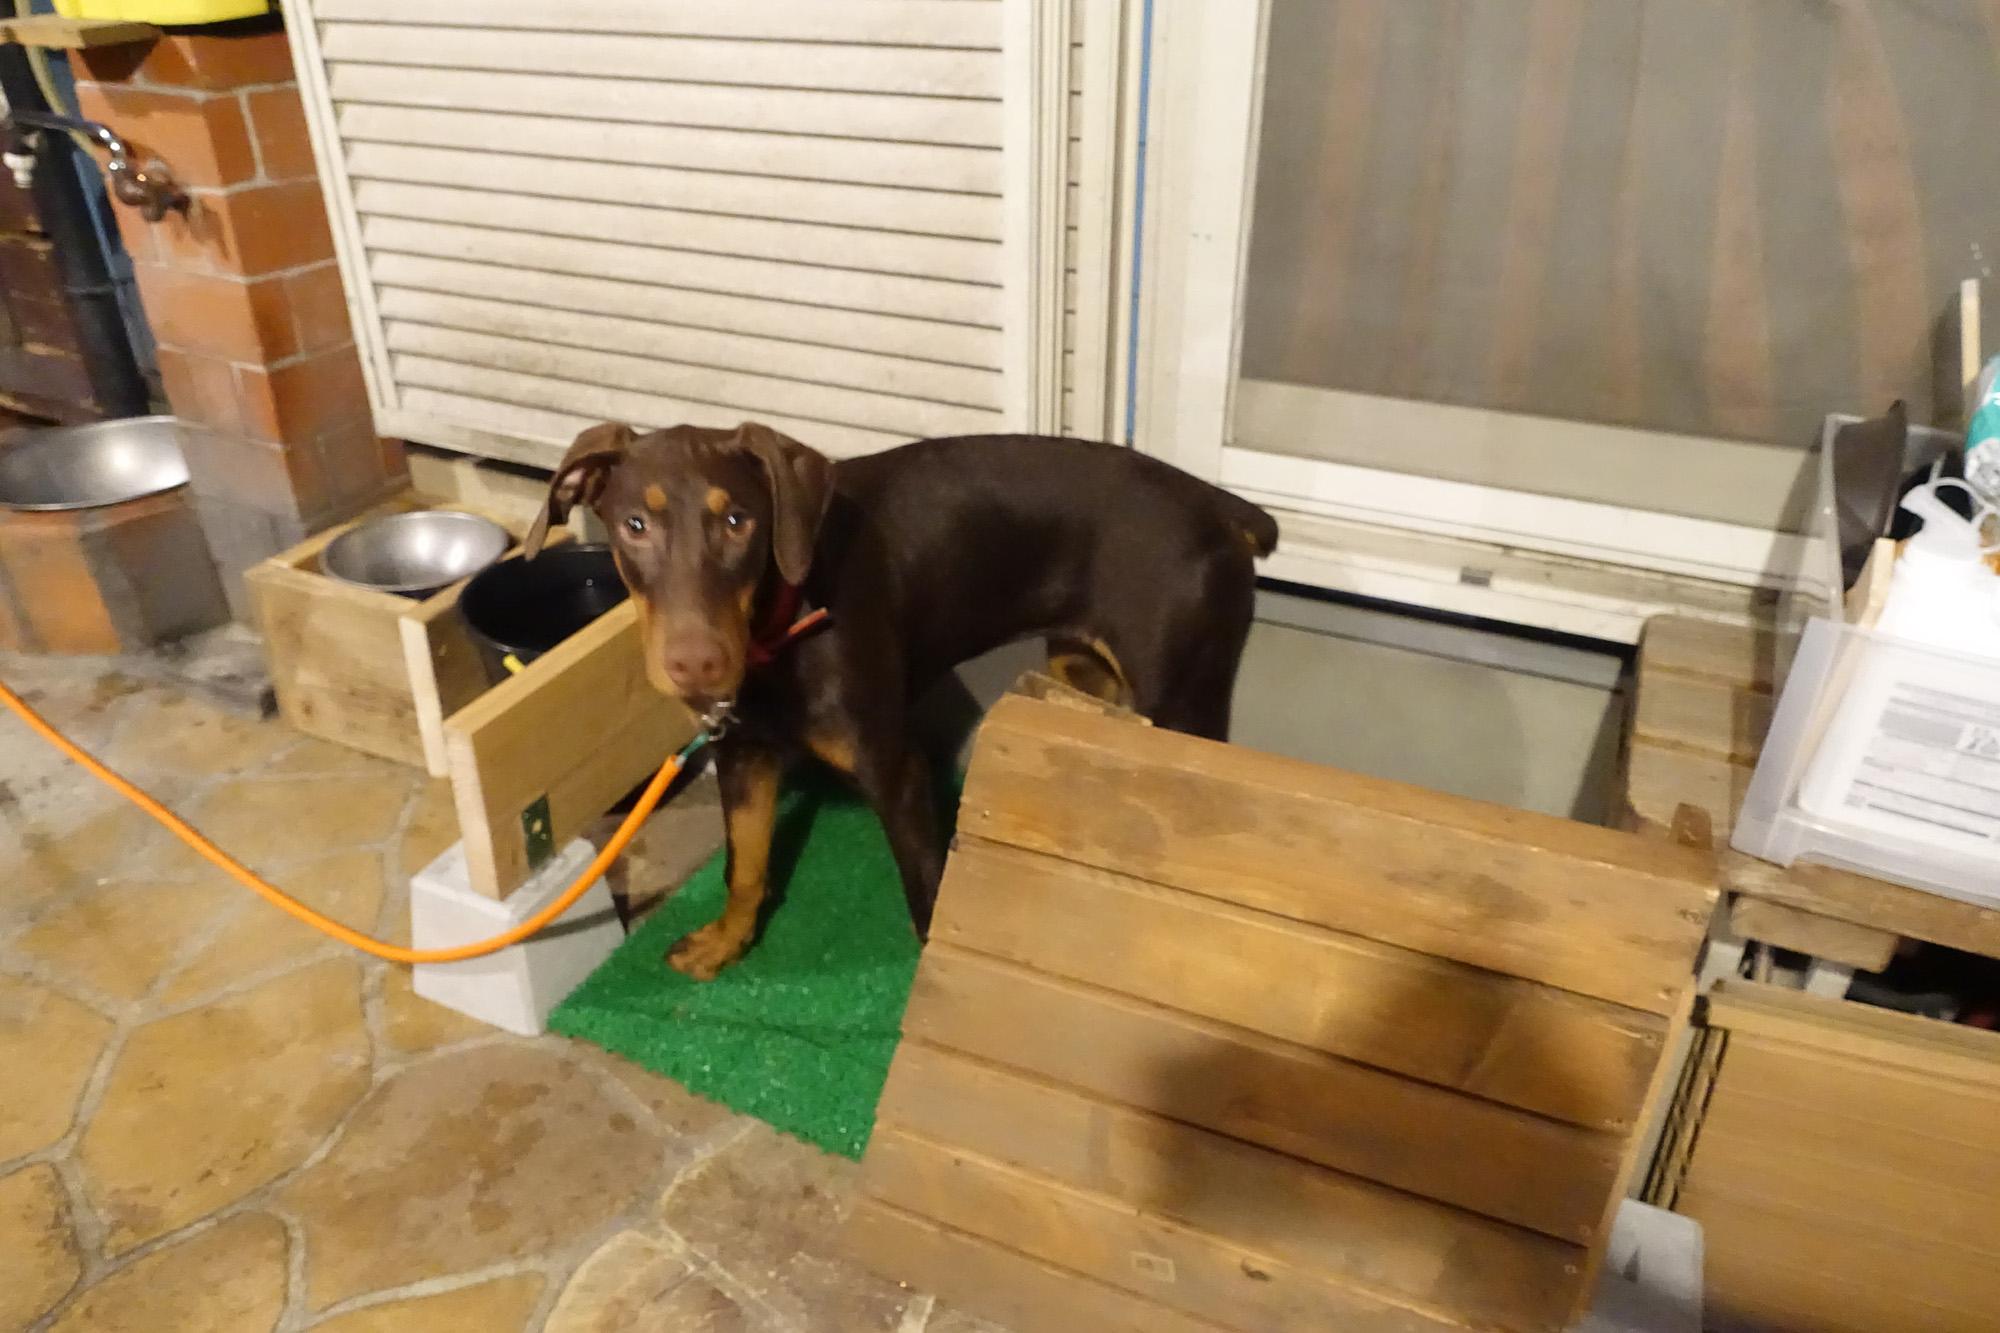 庭に犬のトイレ 6ヶ月の大型犬、トイレトレーニング開始してみた。 その1